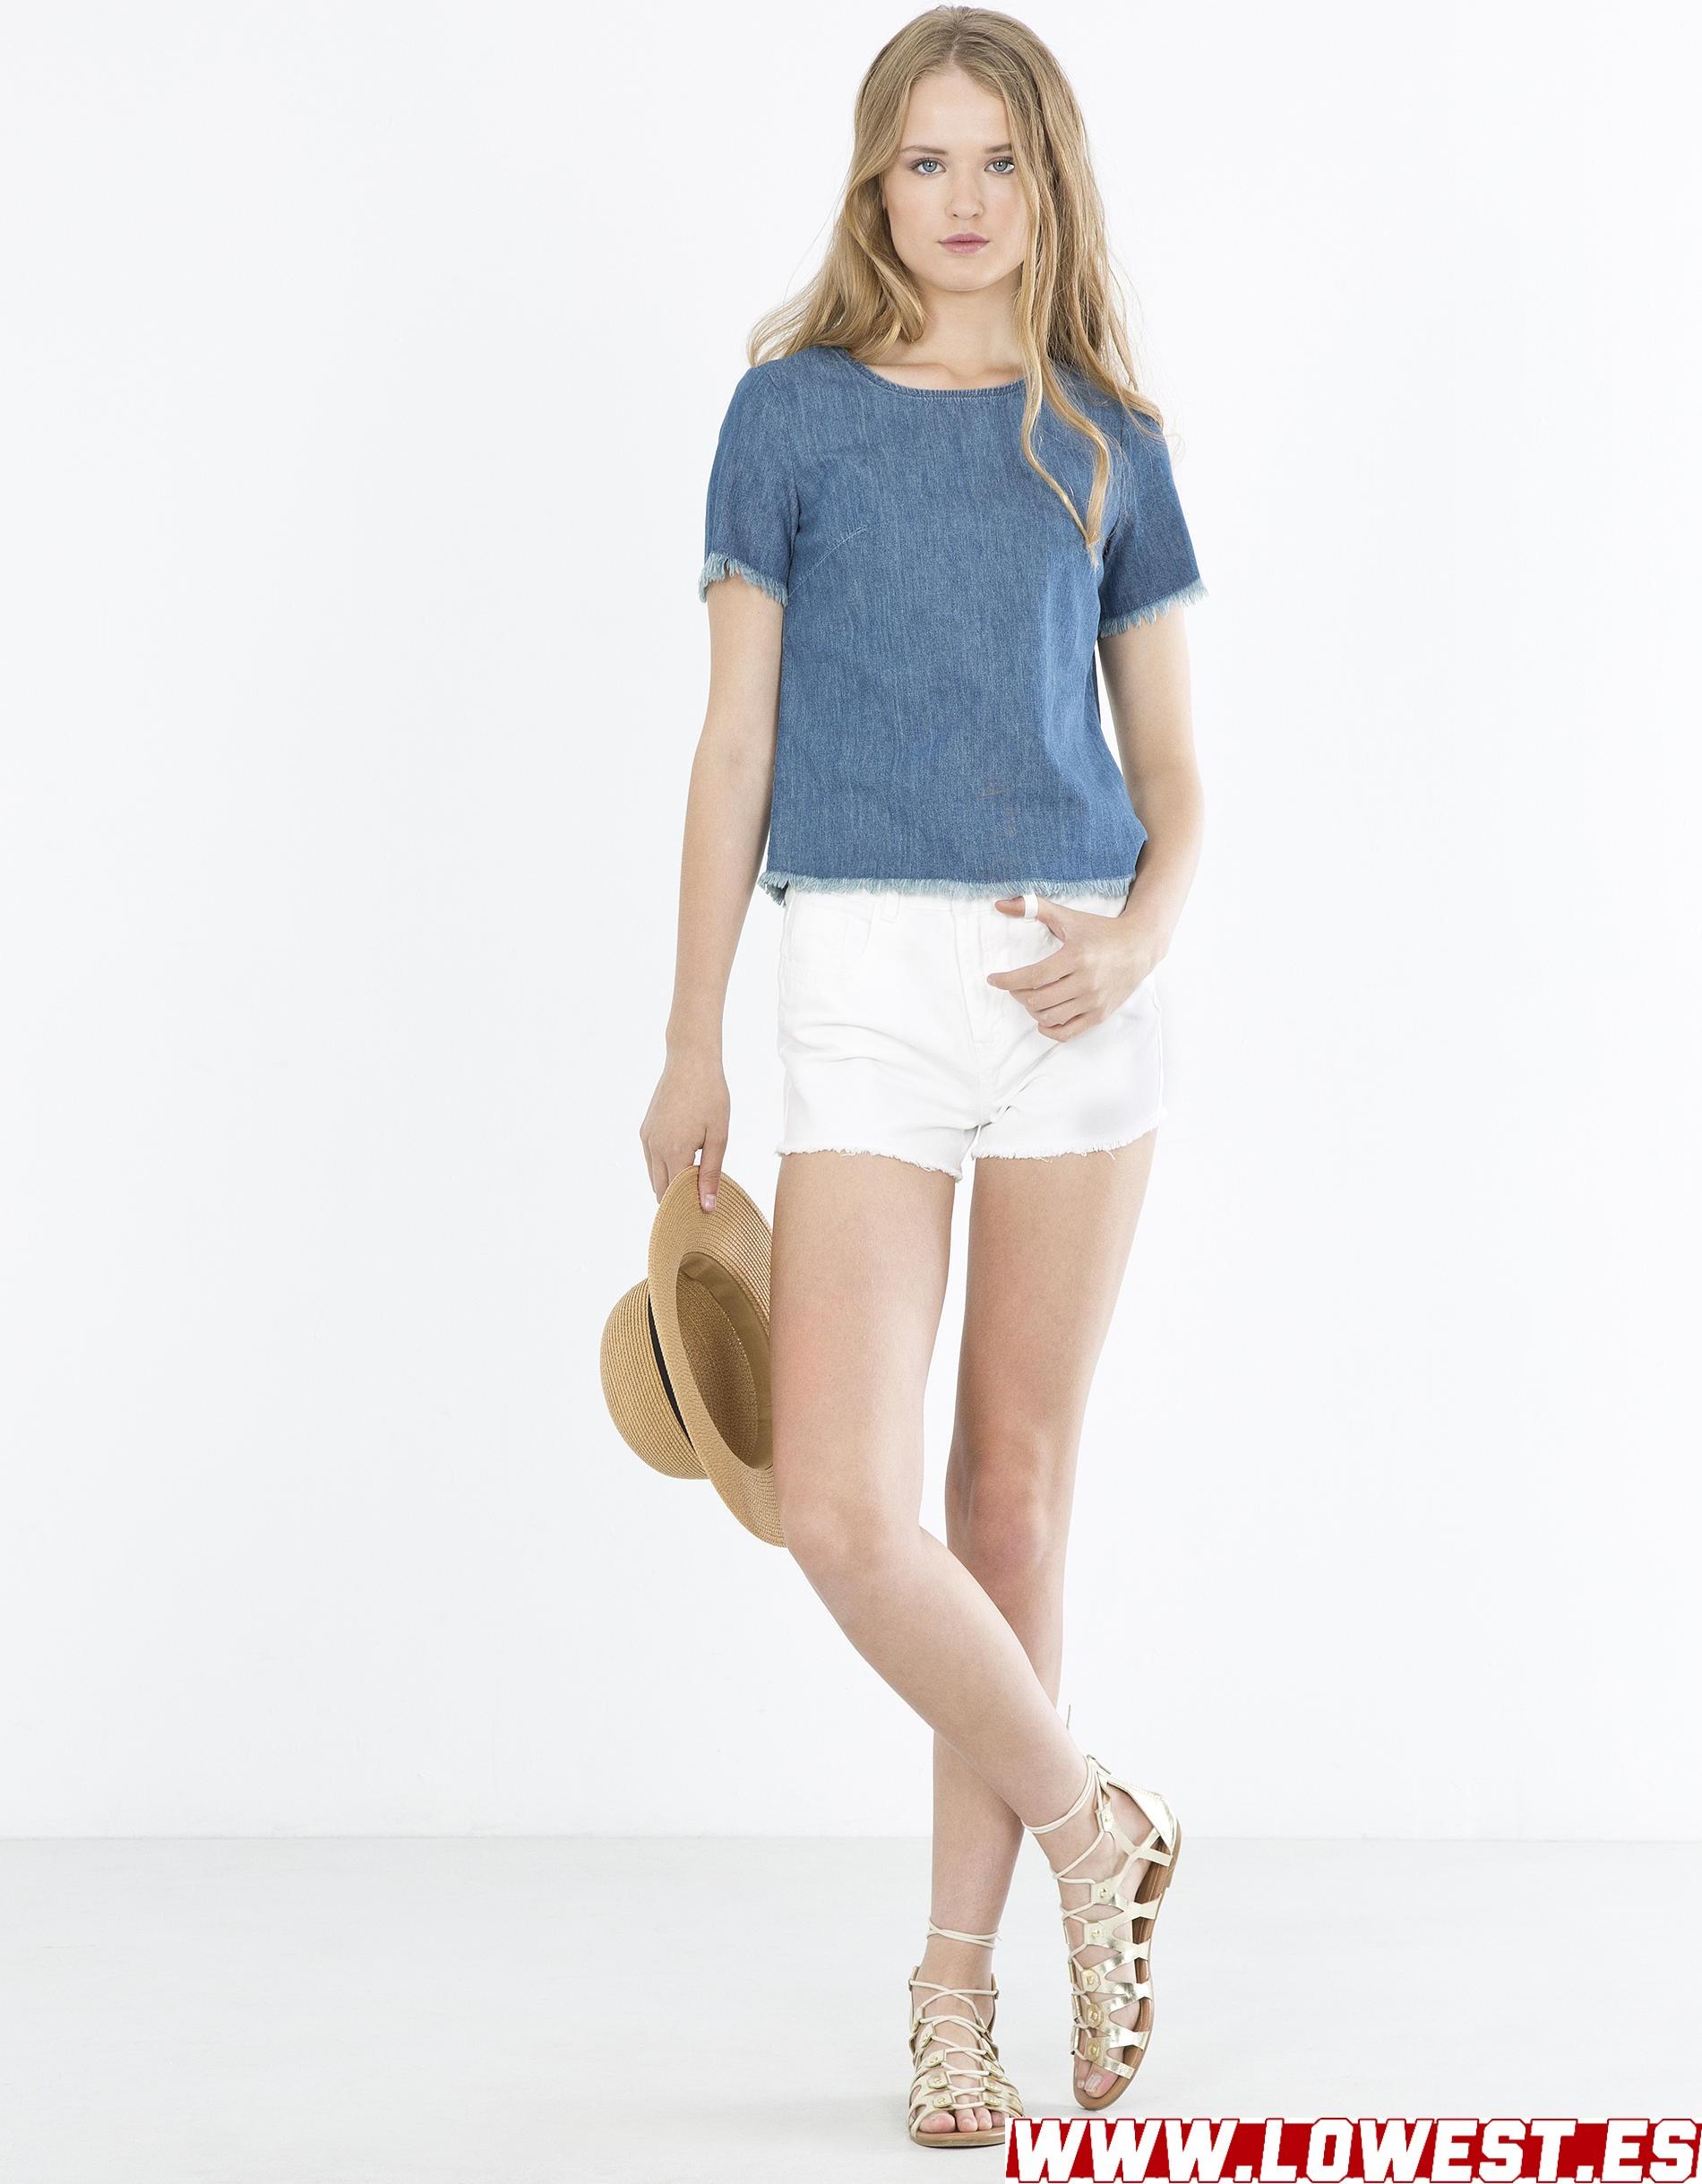 comprar ropa de marca online monos largos de mujer 2019 2020